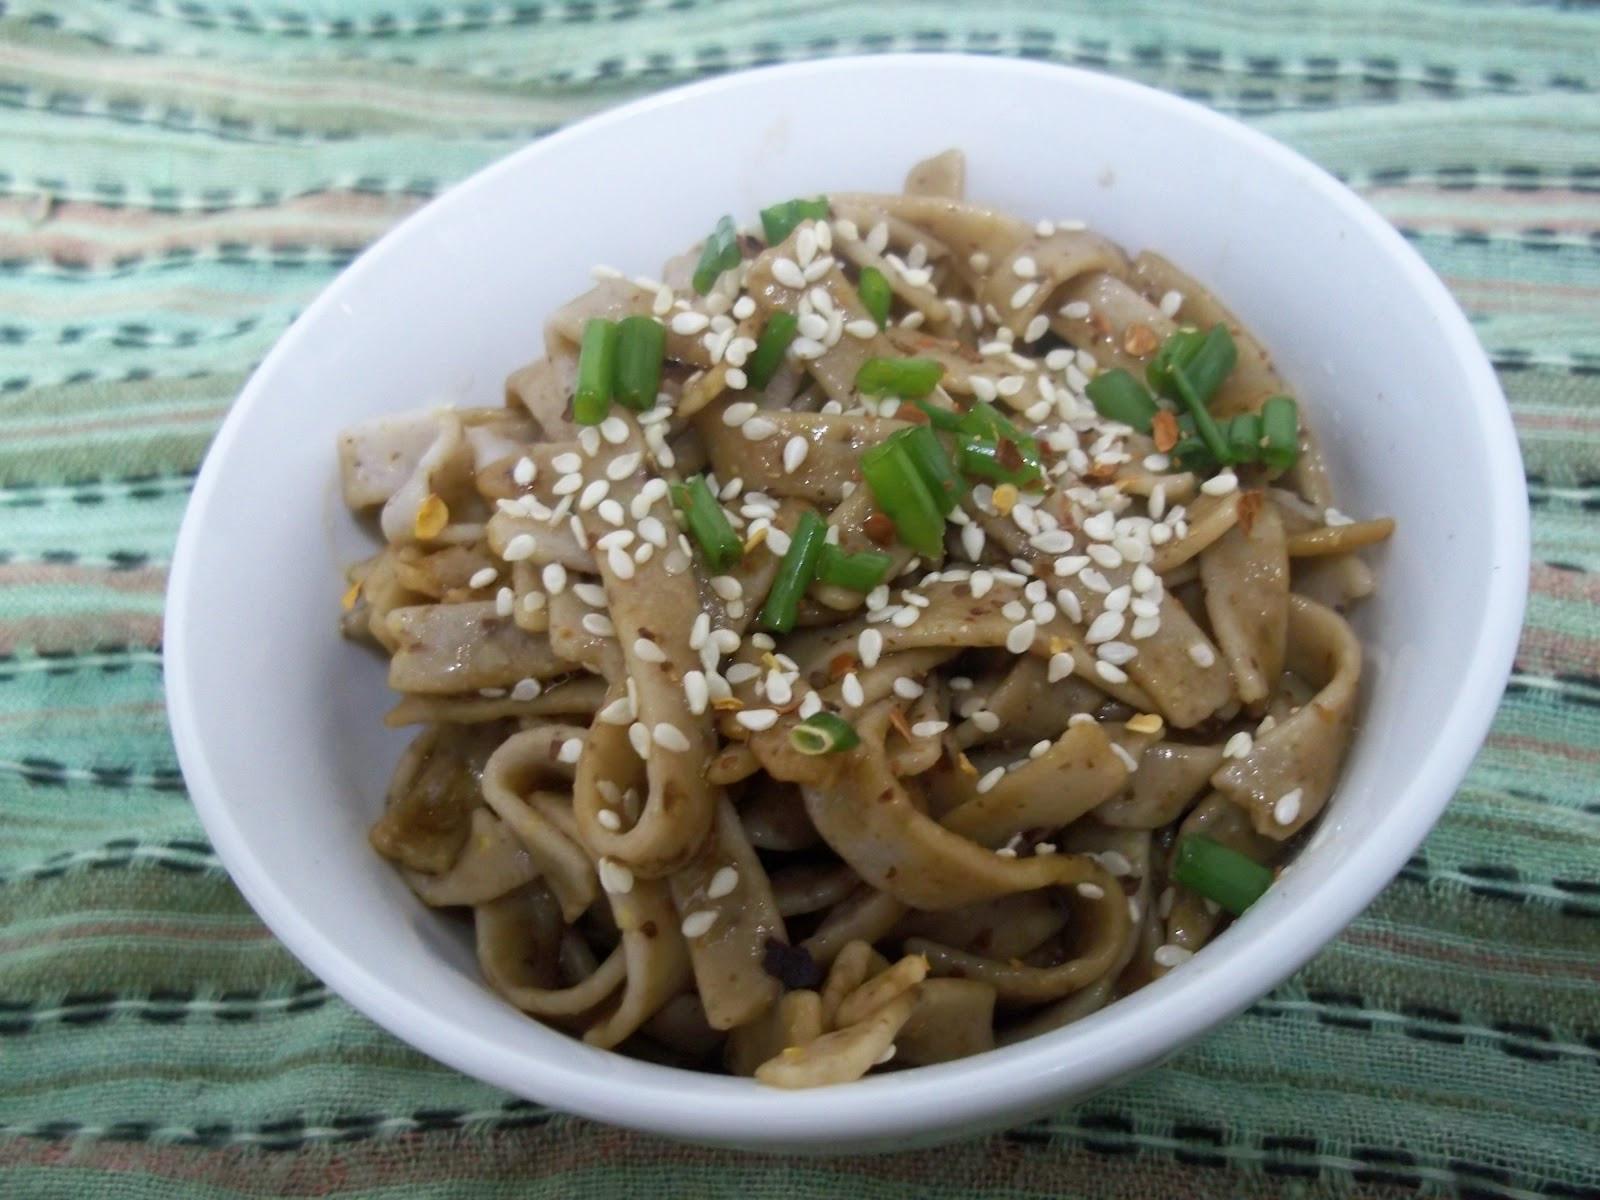 Buckwheat Noodles Gluten Free  Homemade Gluten Free Soba Buckwheat Noodles Recipe Vegan